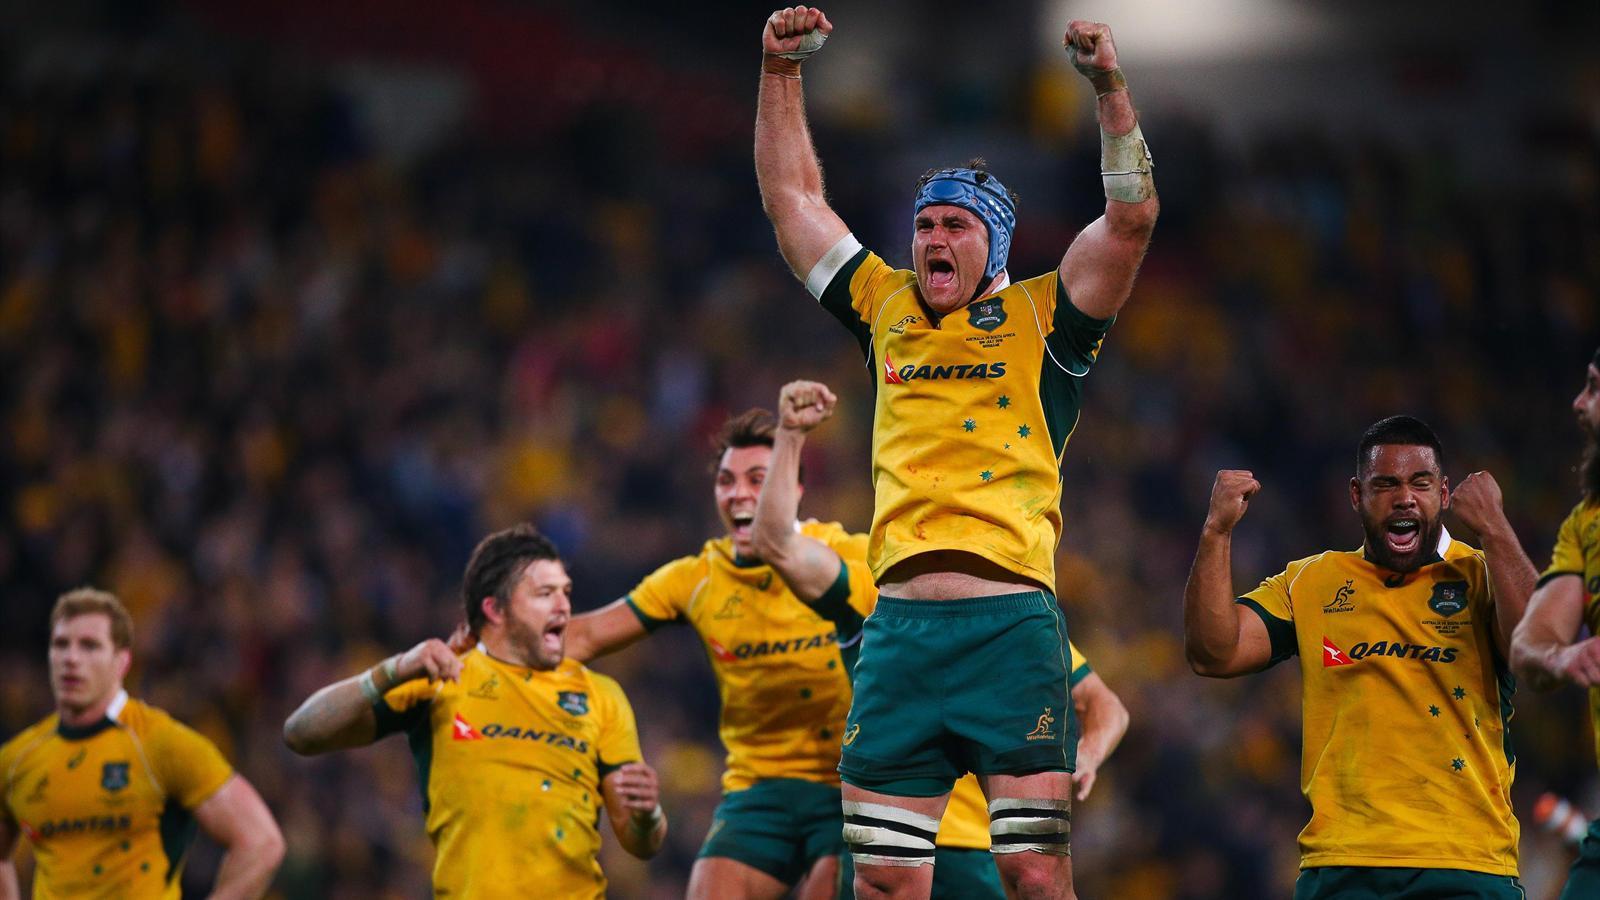 Coupe du monde poule a australie l 39 inattendu rebond du - Classement poule coupe du monde rugby 2015 ...